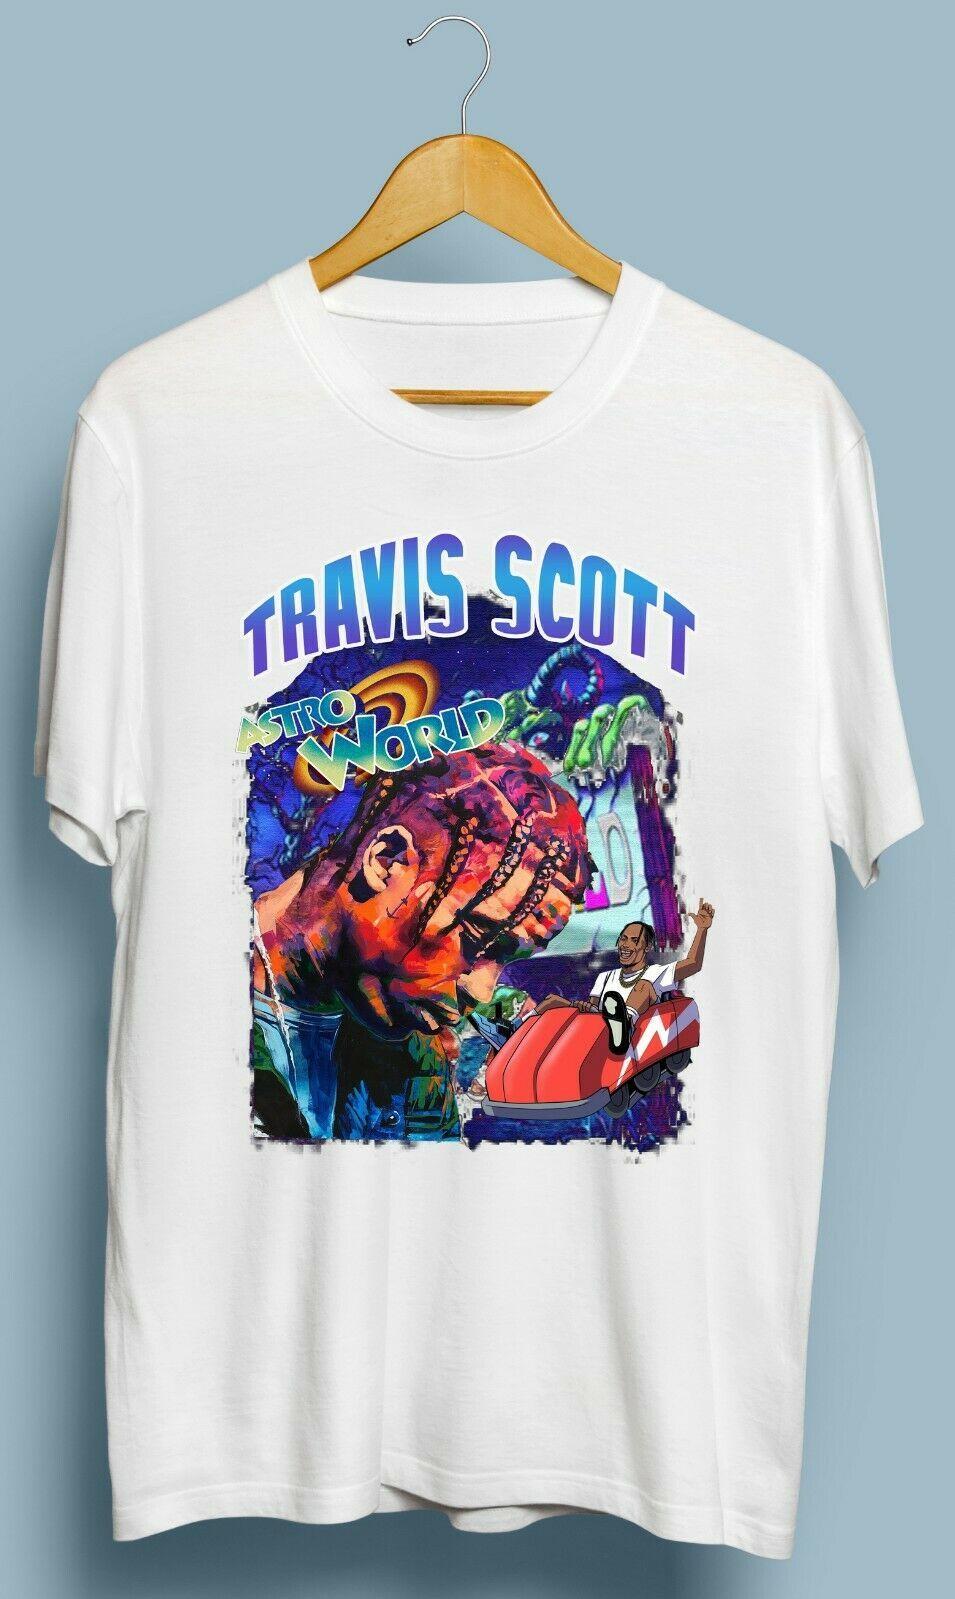 Details about vintage travis scott astro world tshirt